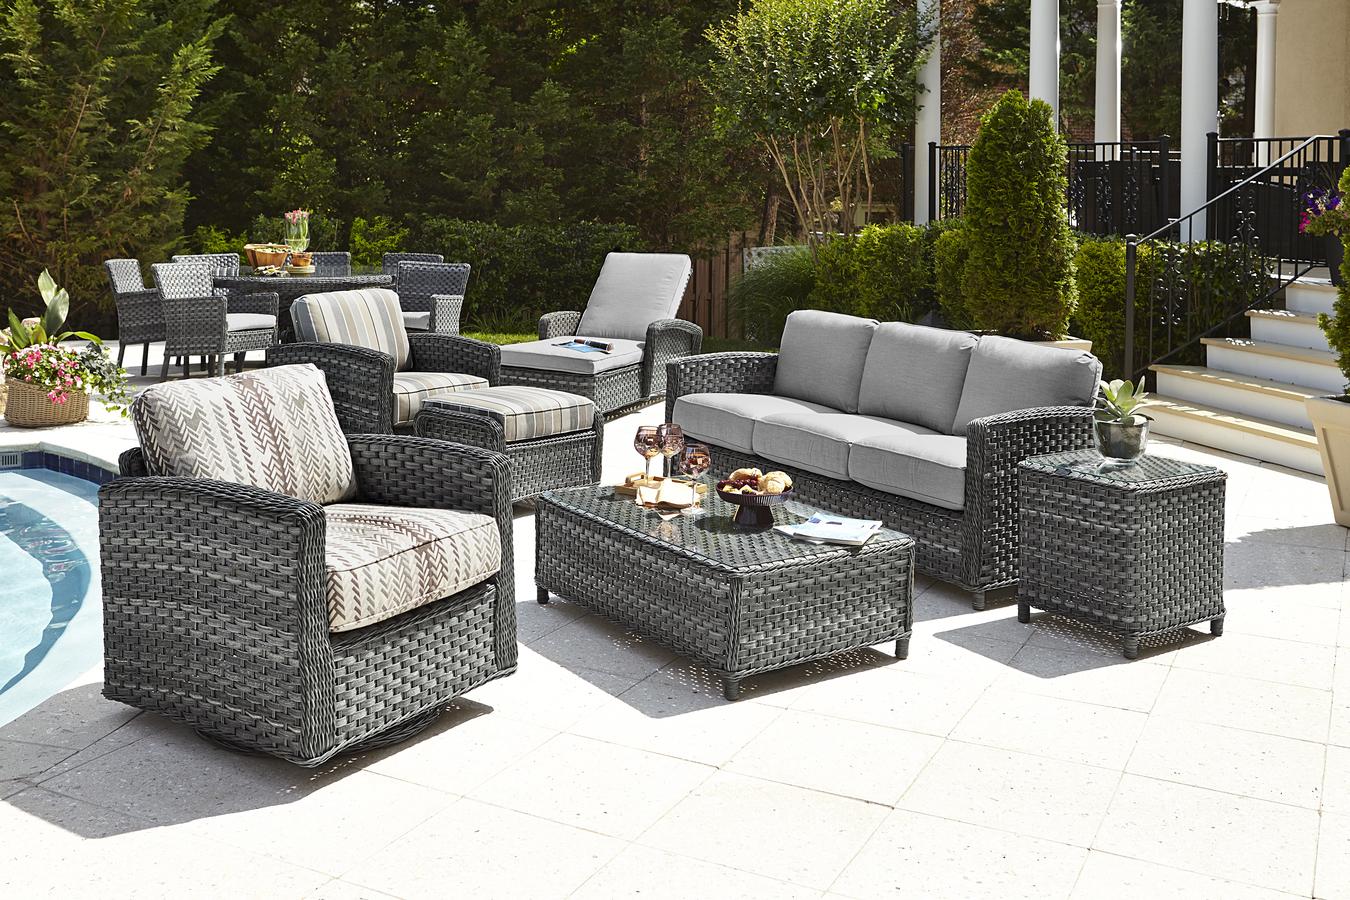 Luxury Rattan / Wicker Outdoor Furniture Sofa-set - Buy Rattan